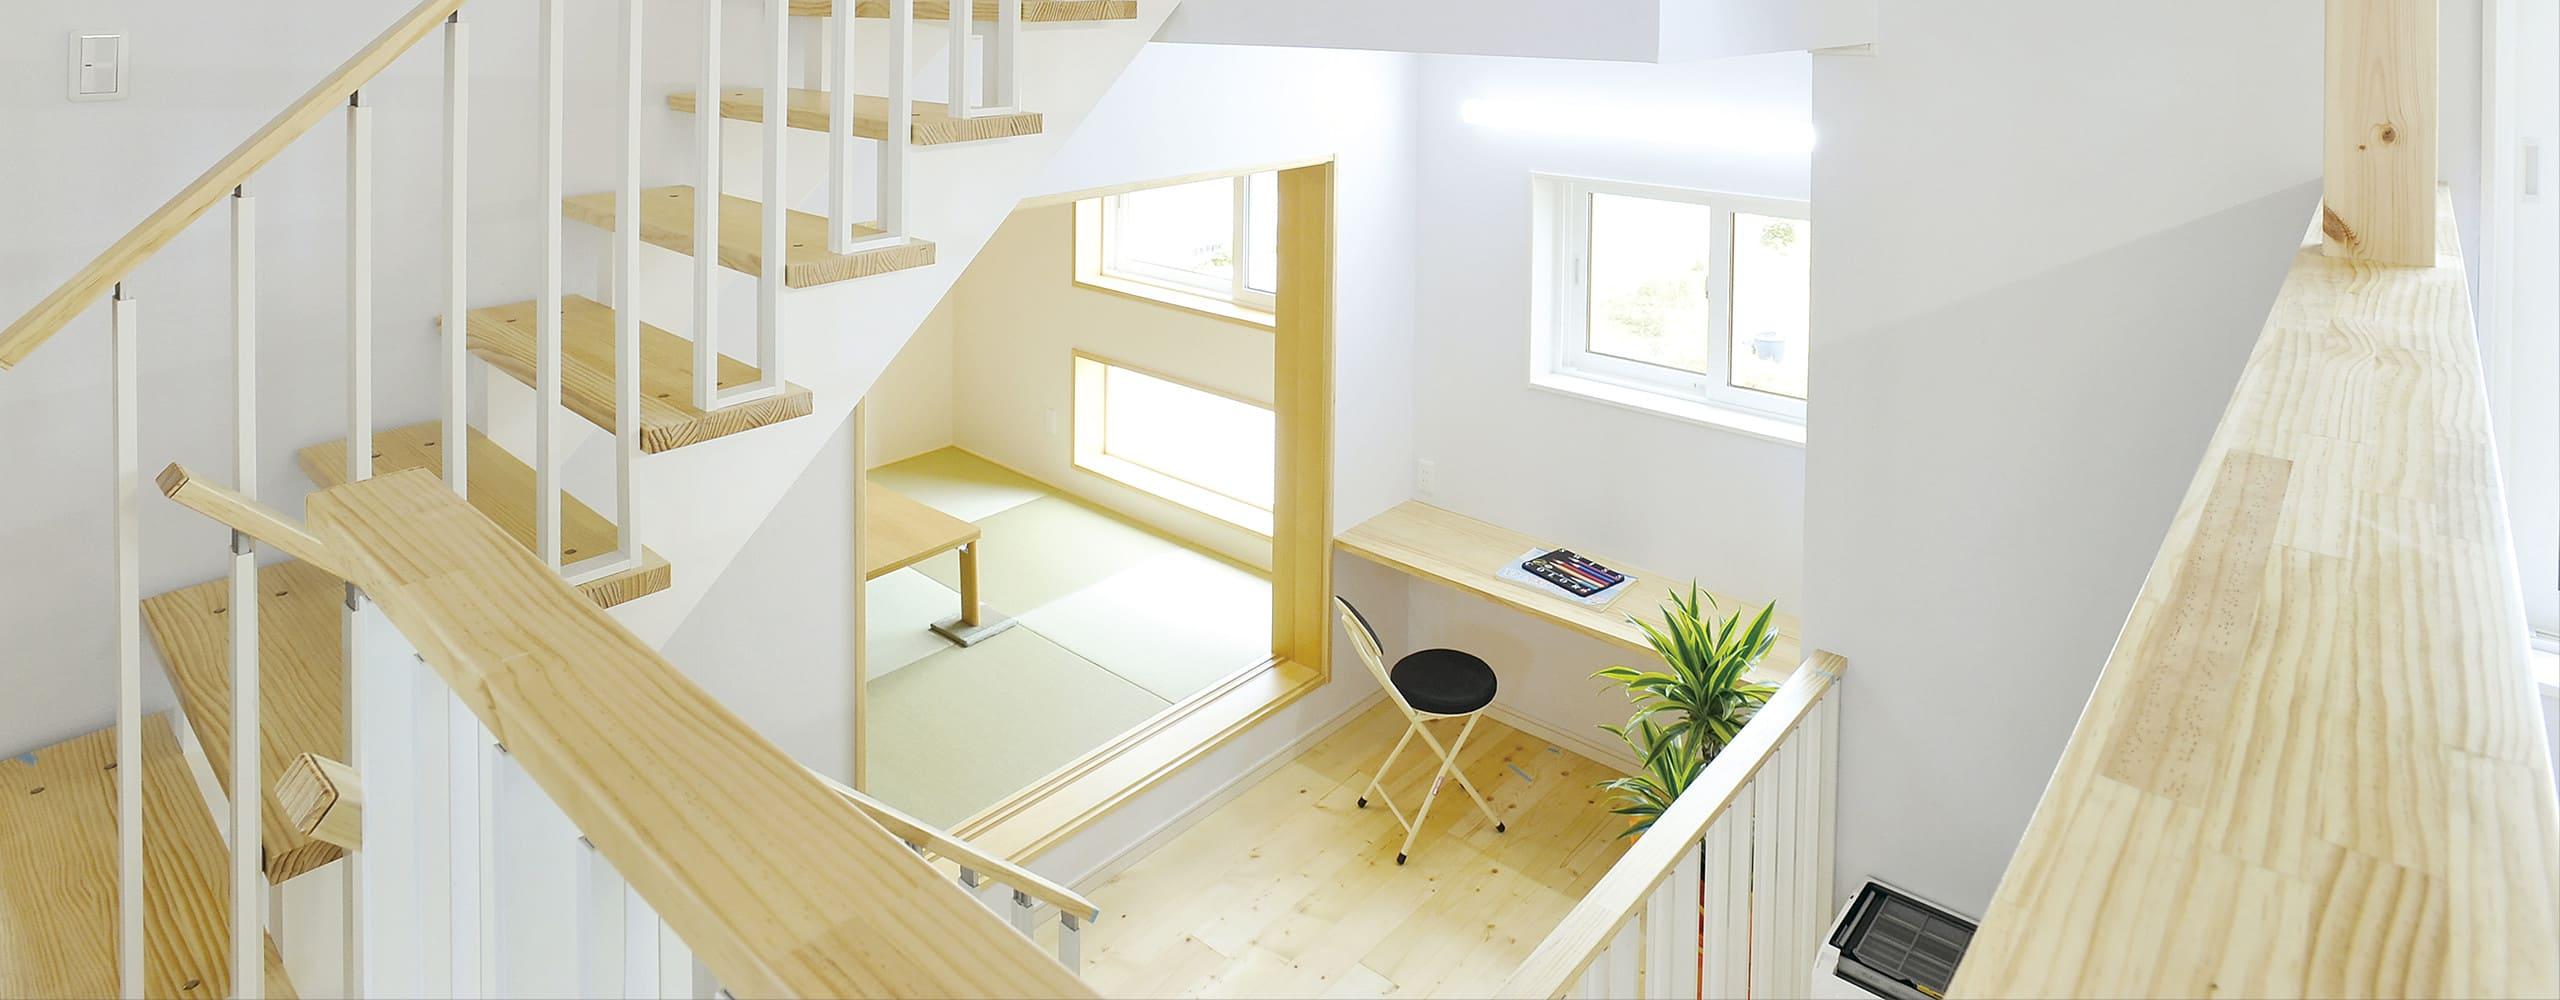 空間利用が生み出す多層構造のイメージ写真